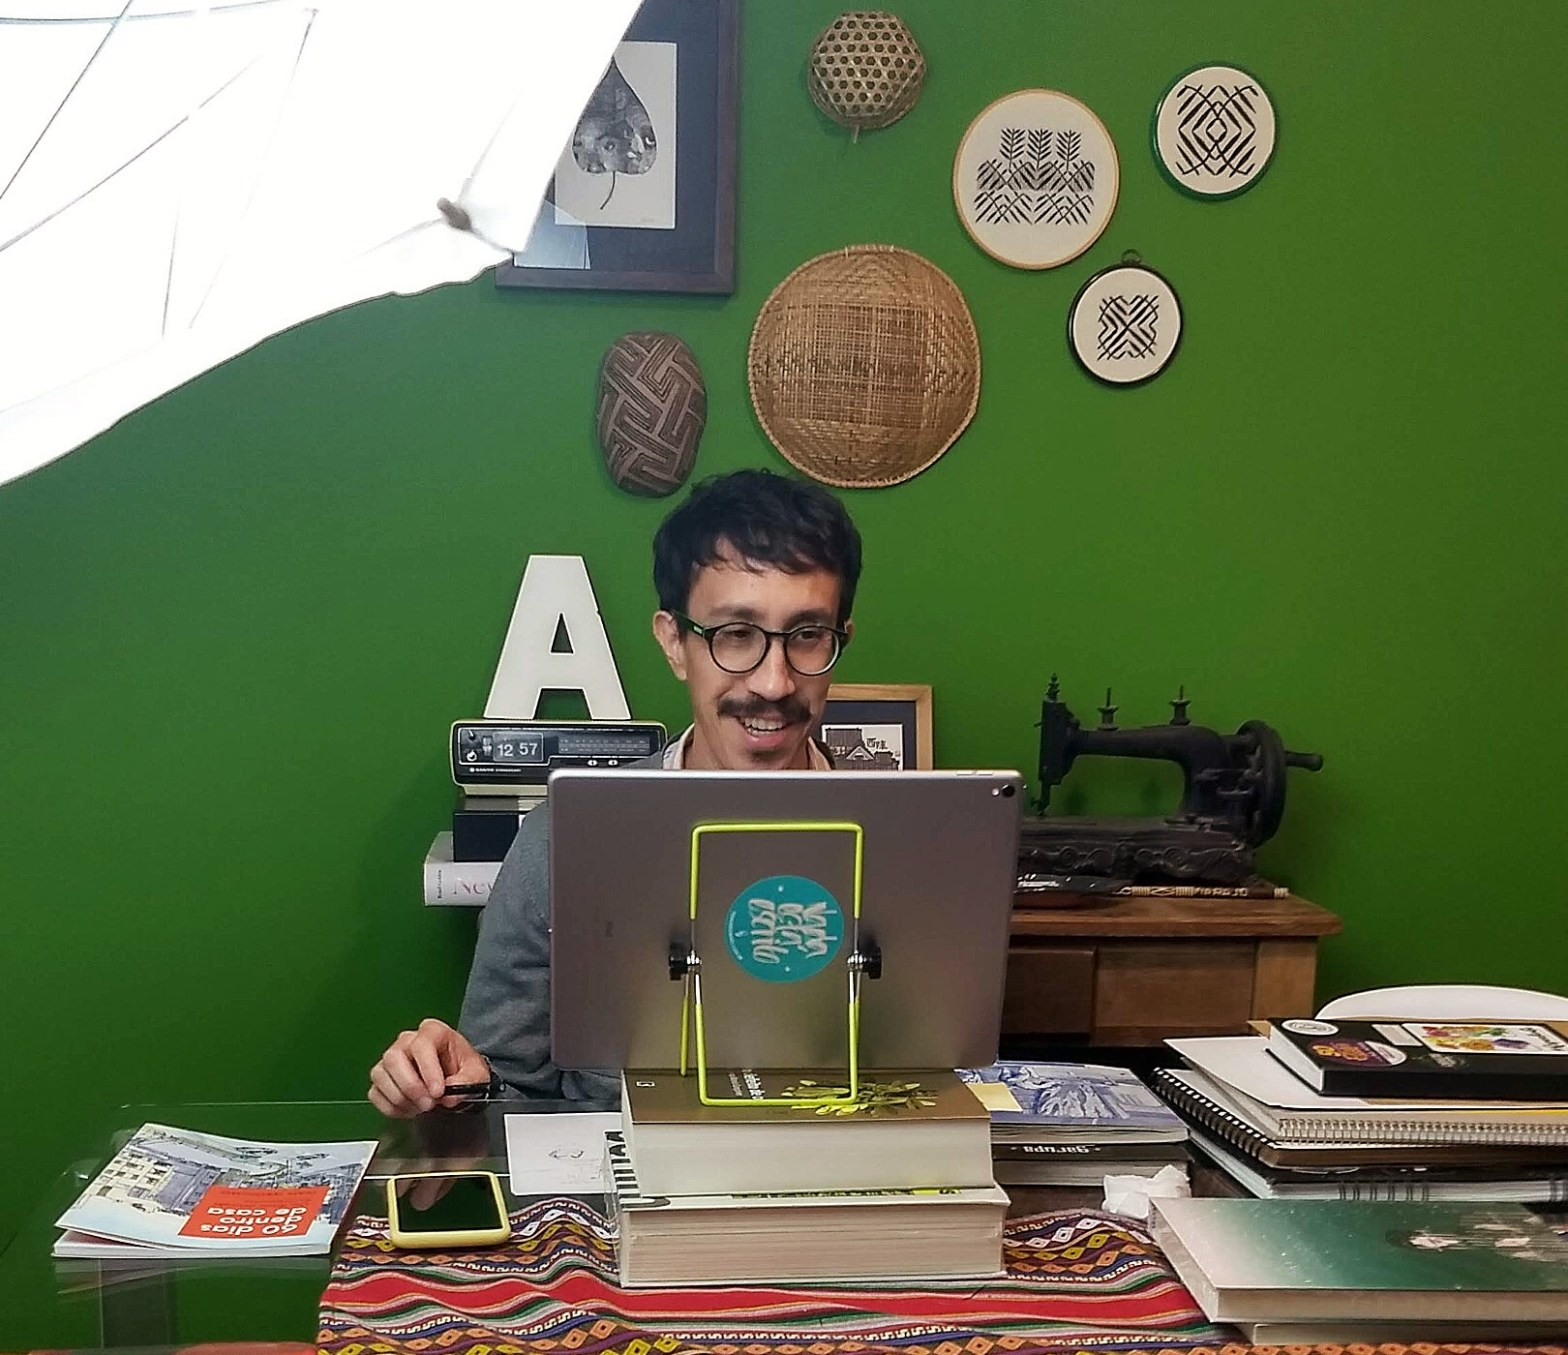 Foto do autor sentado em uma mesa, em frente a um tablet, cercado por cadernos, com uma parede verde ao fundo, onde estão pendurados bordados e objetos indígenas